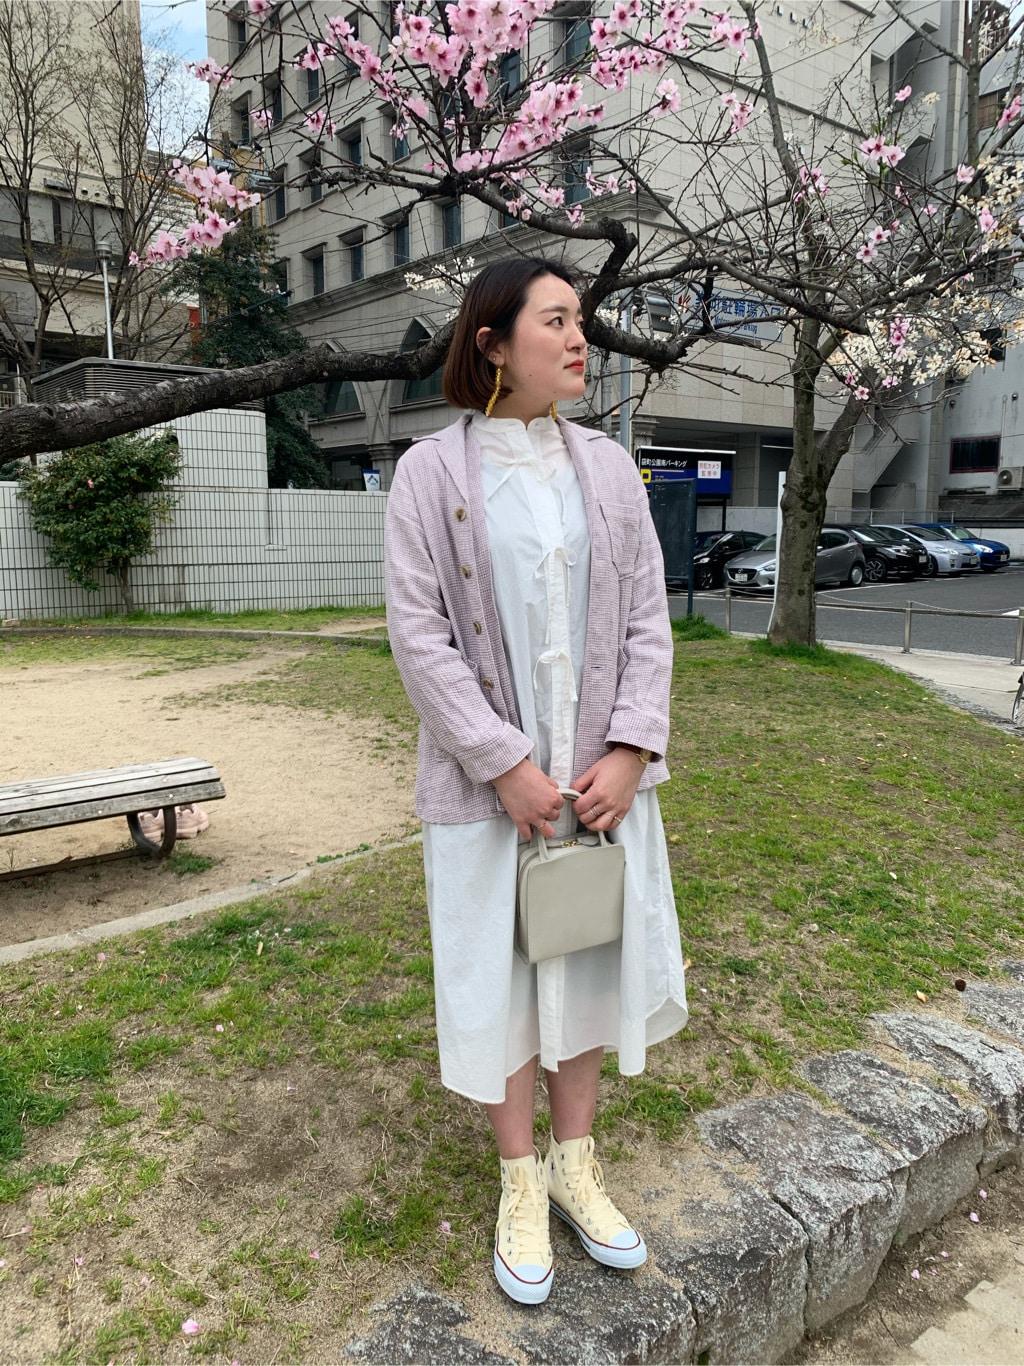 広島パルコ 2020.03.23